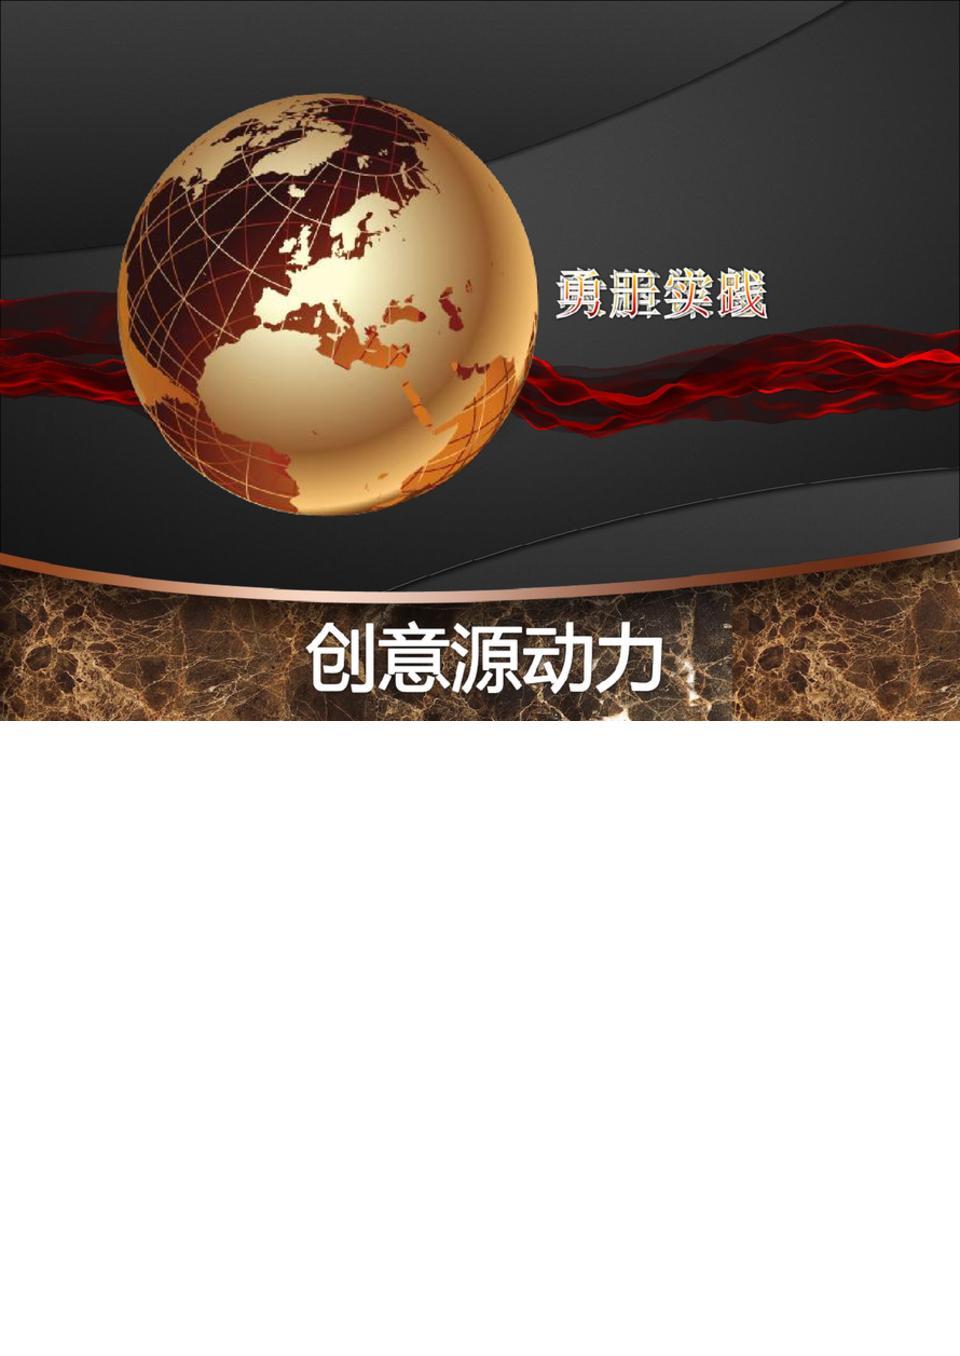 公司项目分析最牛逼ppt模版,炫到极致.ppt